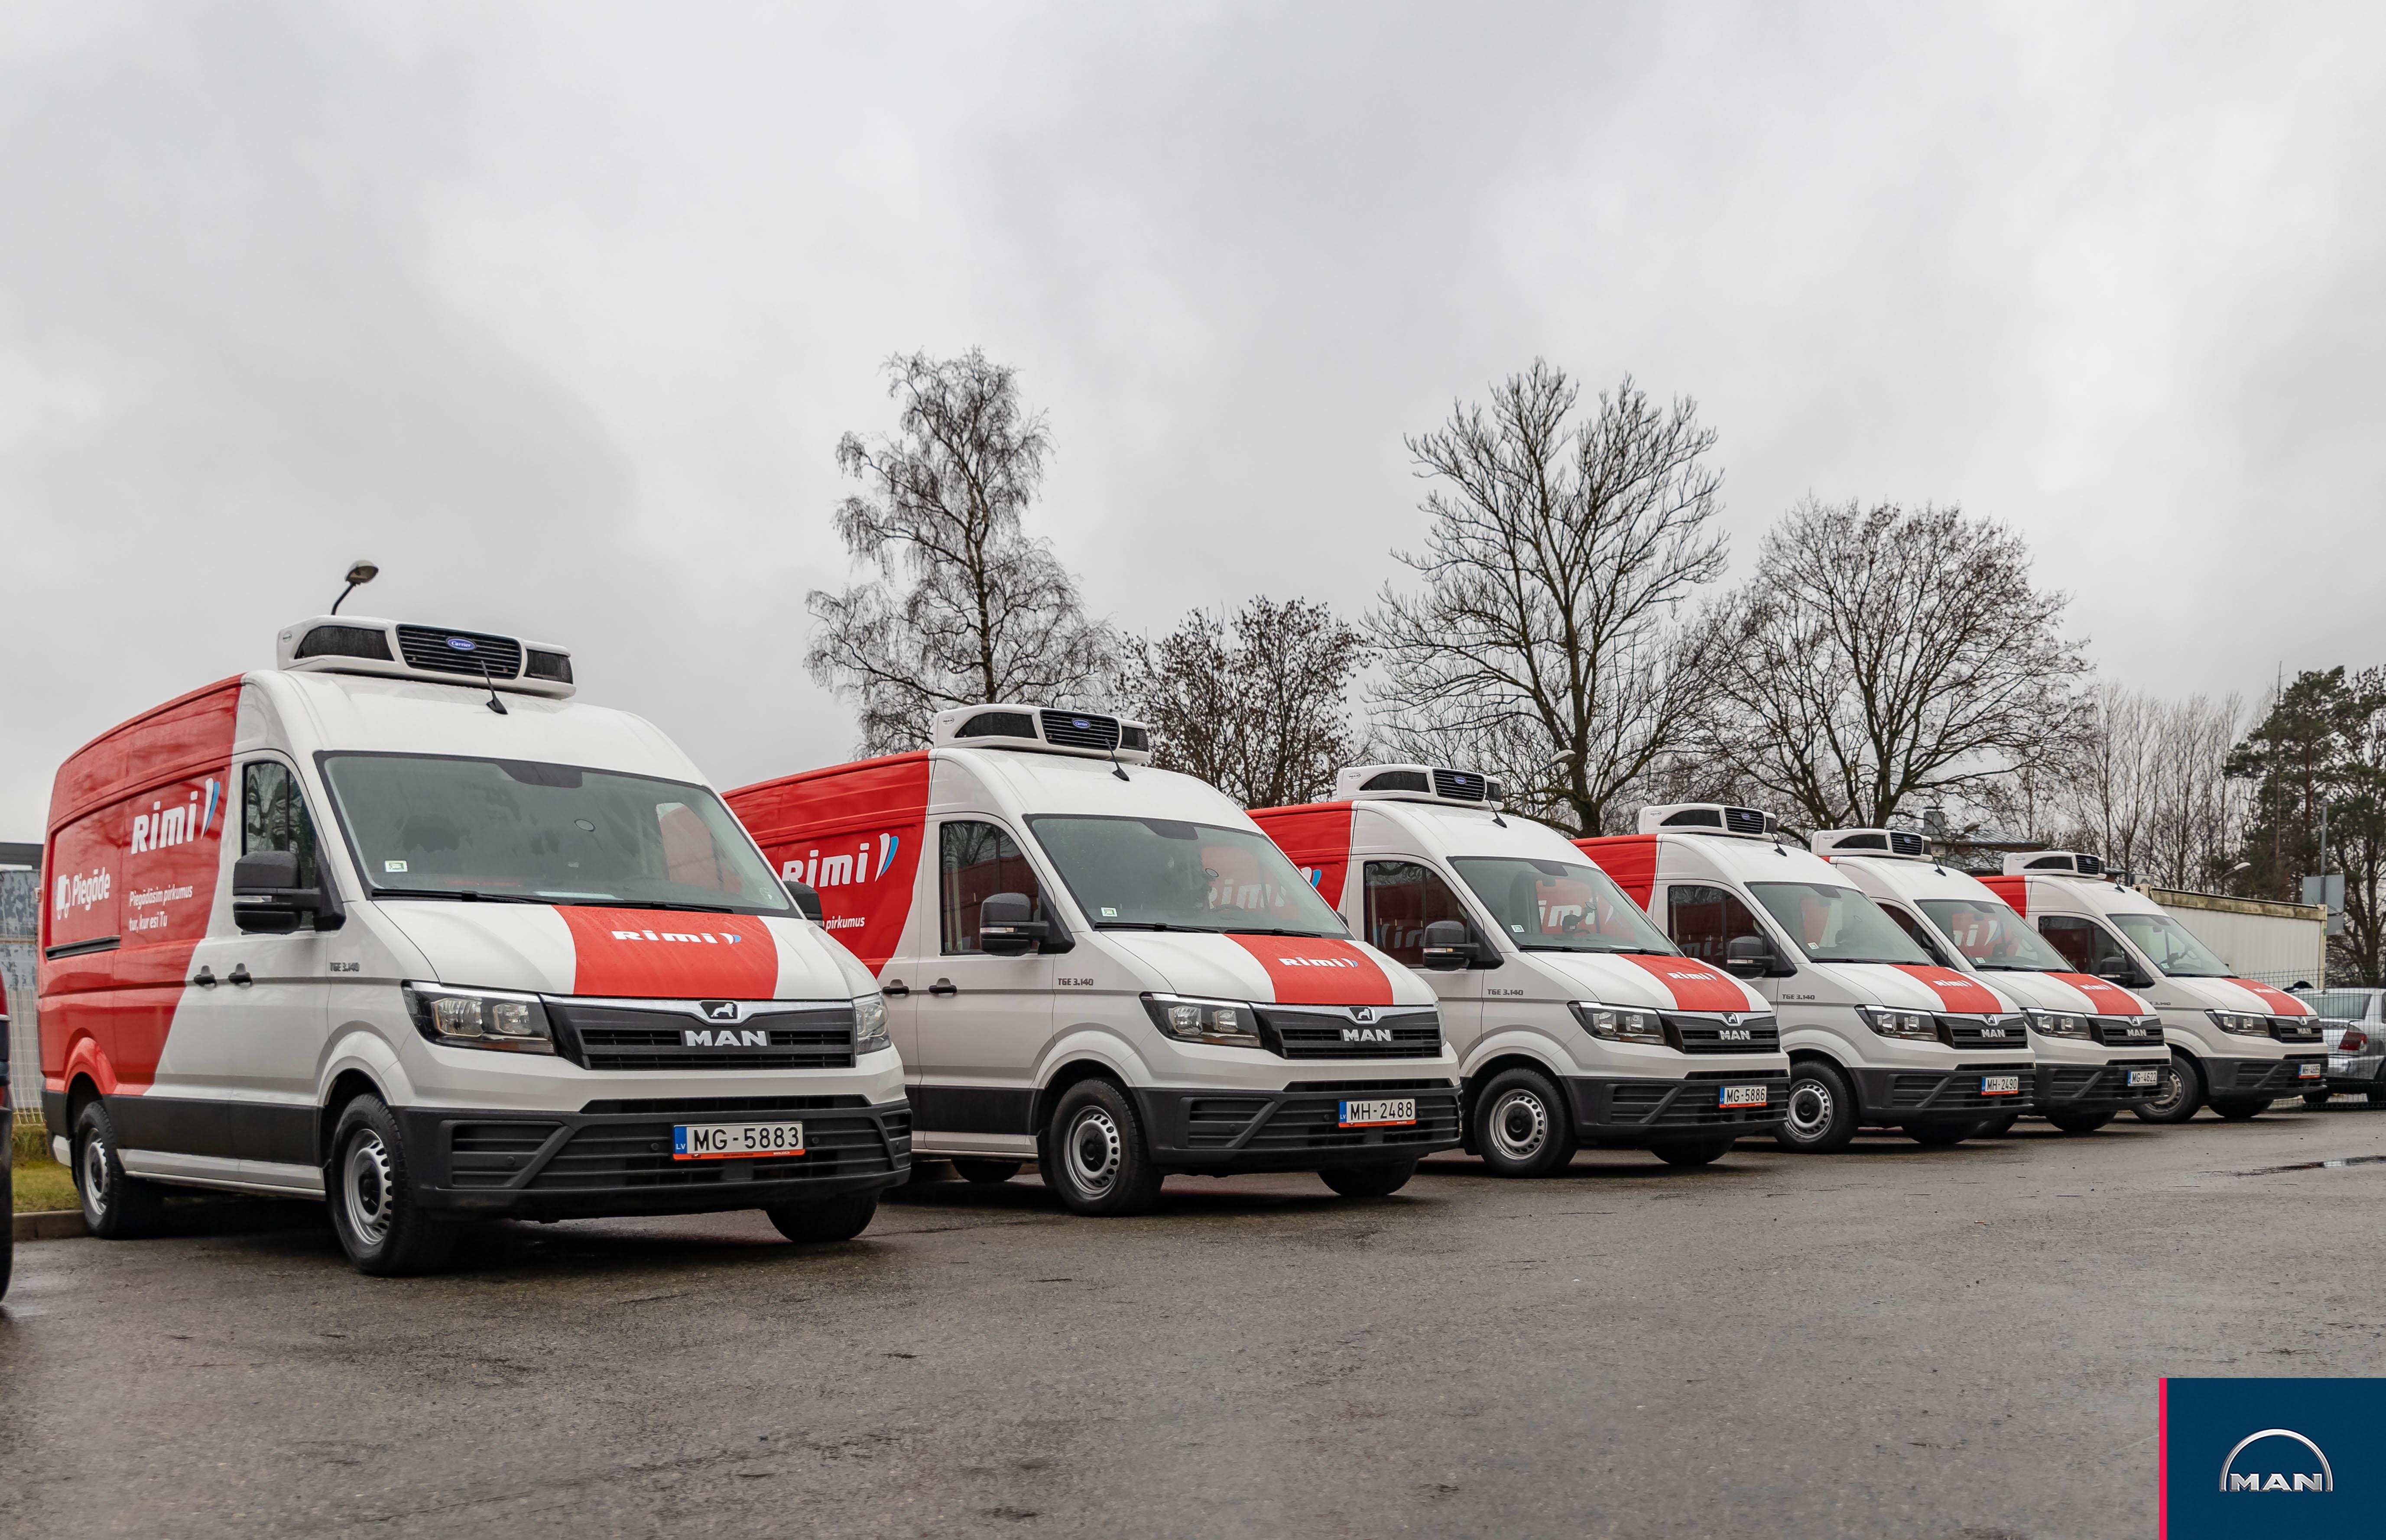 Клиентам э-магазина Rimi будут достав-лять продукты новые микроавтобусы MAN TGE